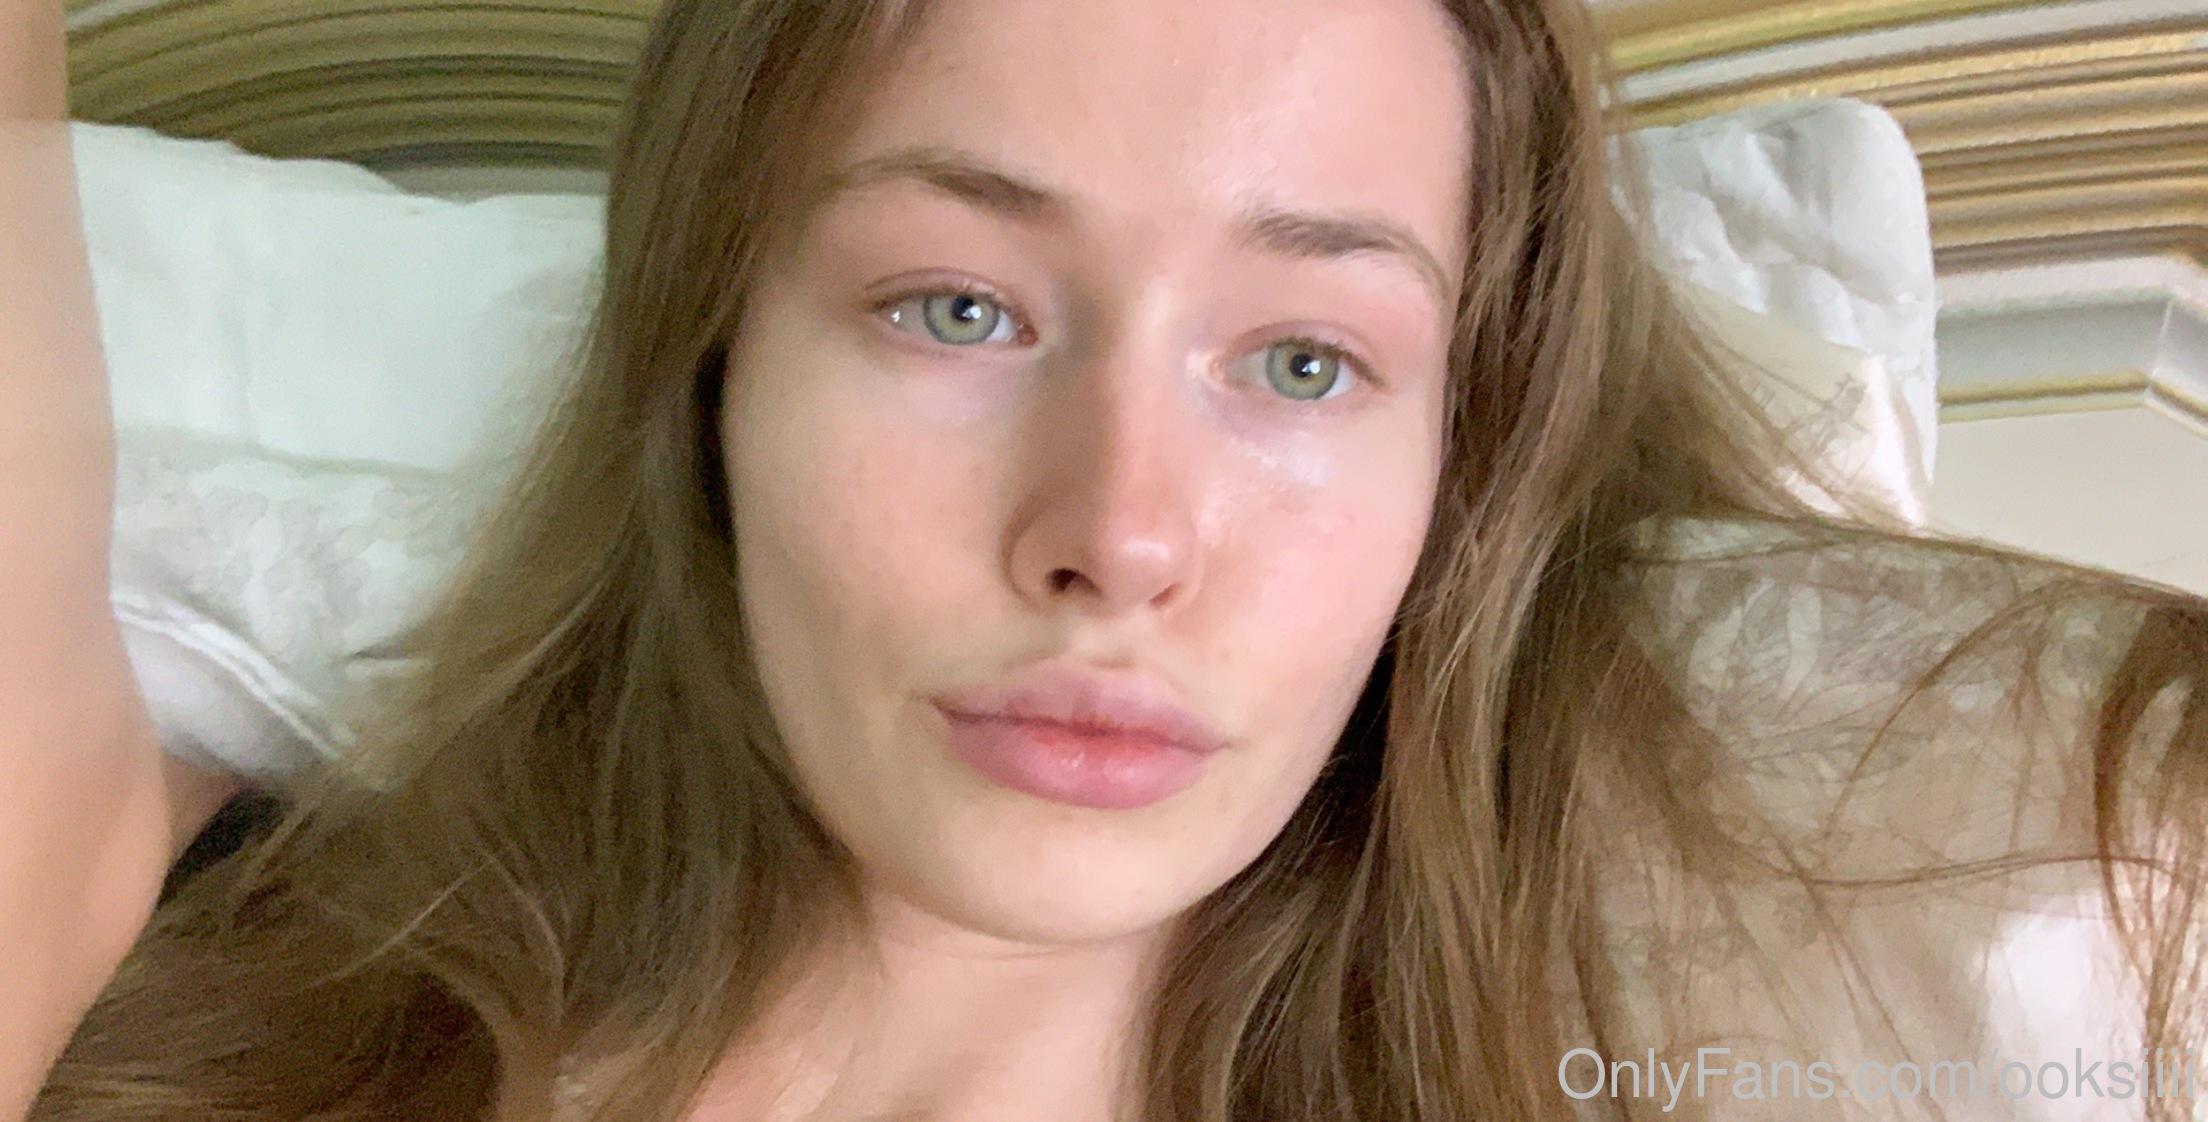 Oksana Fedorova, Ooksiii, Onlyfans 0043